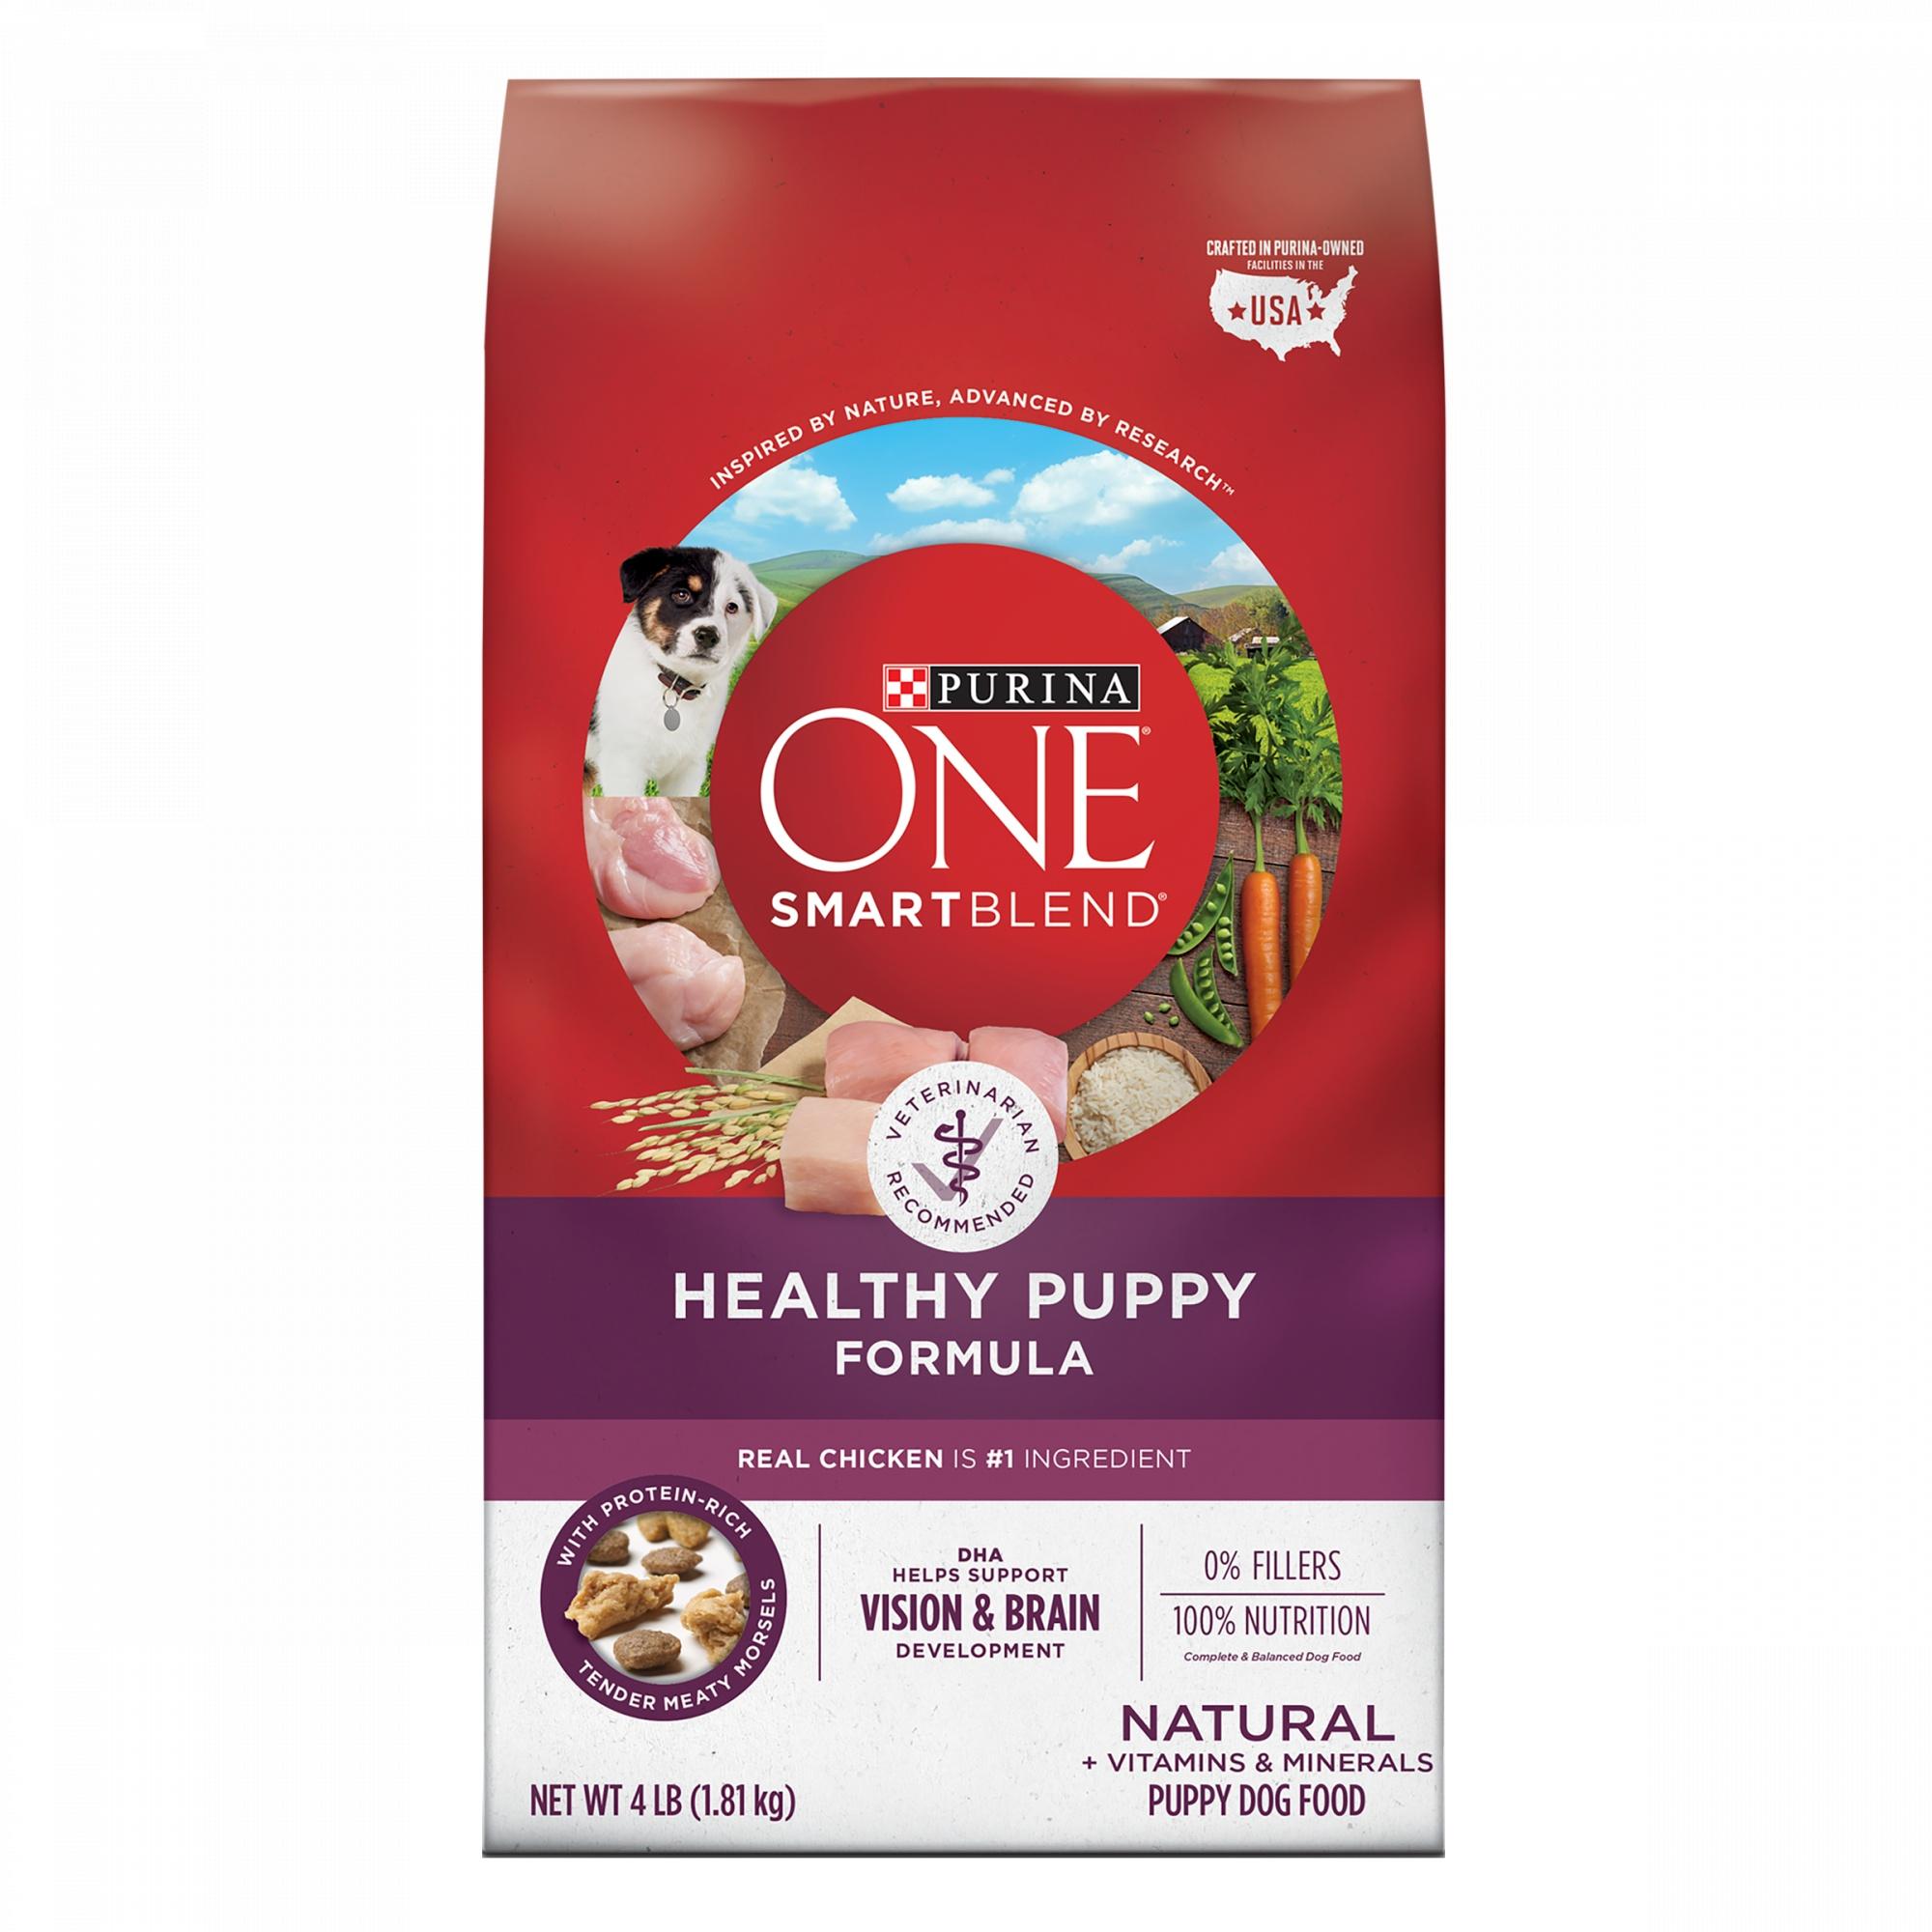 Purina ONE Smart Blend Healthy Puppy Formula Dog Food 1 8kg  Bag